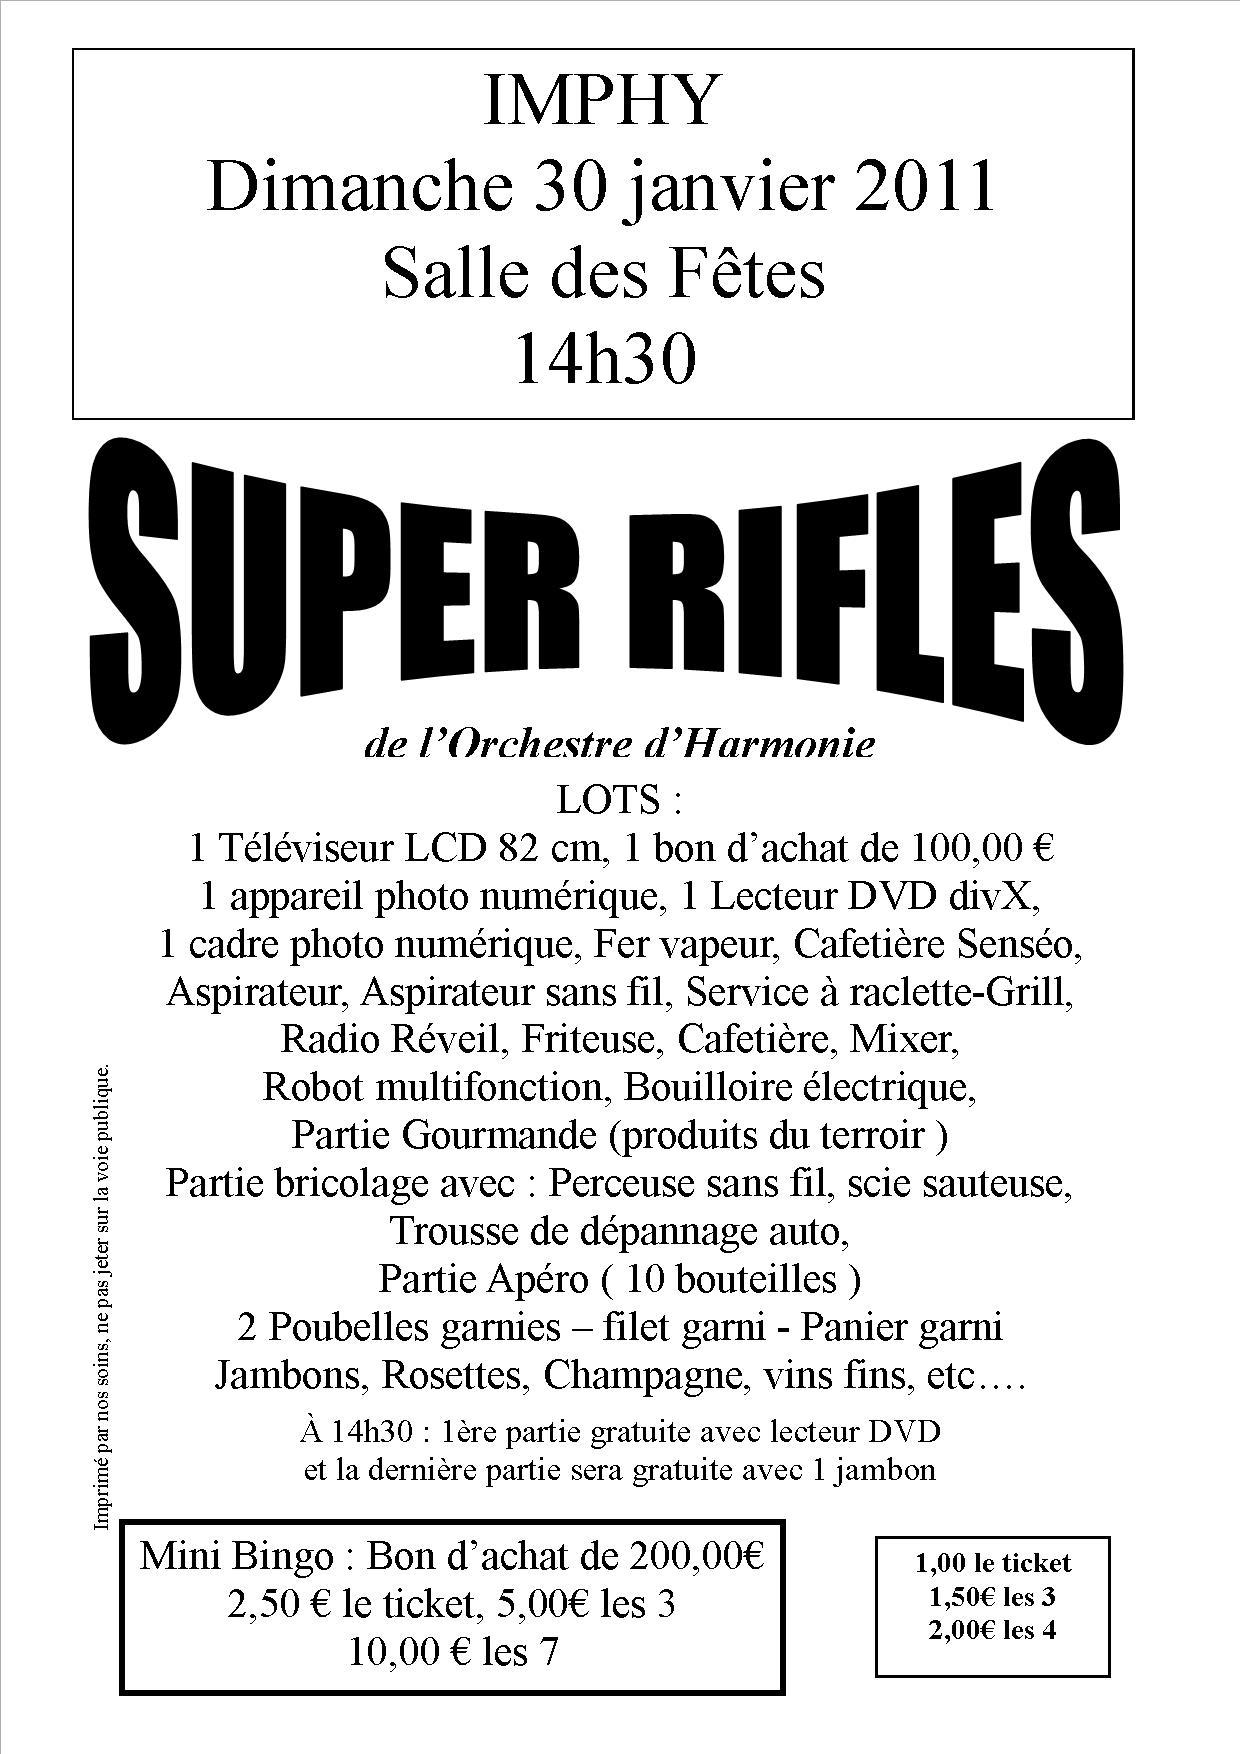 Participez aux Super Rifles de l'OHVi et gagnez de nombreux lots de choix !